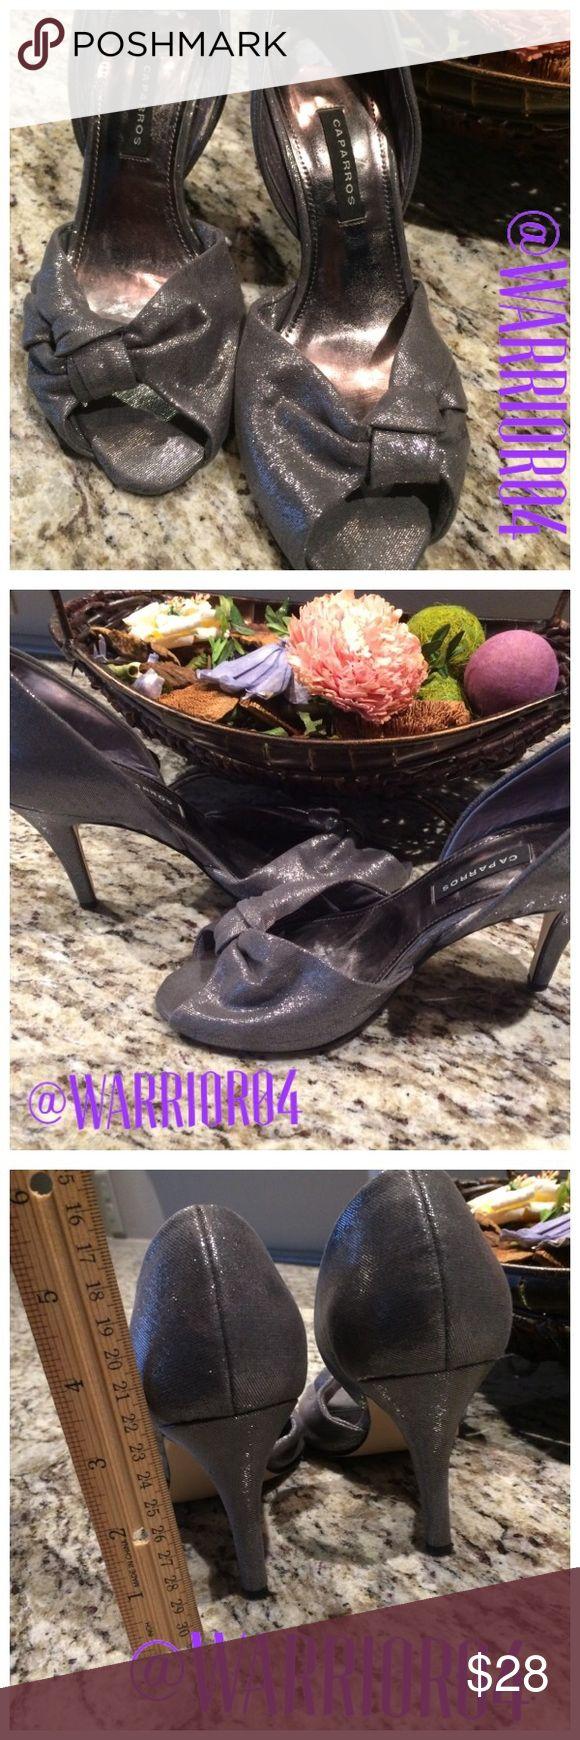 Caparros Silver Bow Heels Size 6.5 Caparros Silver Bow Heels Size 6.5 Caparros Shoes Heels